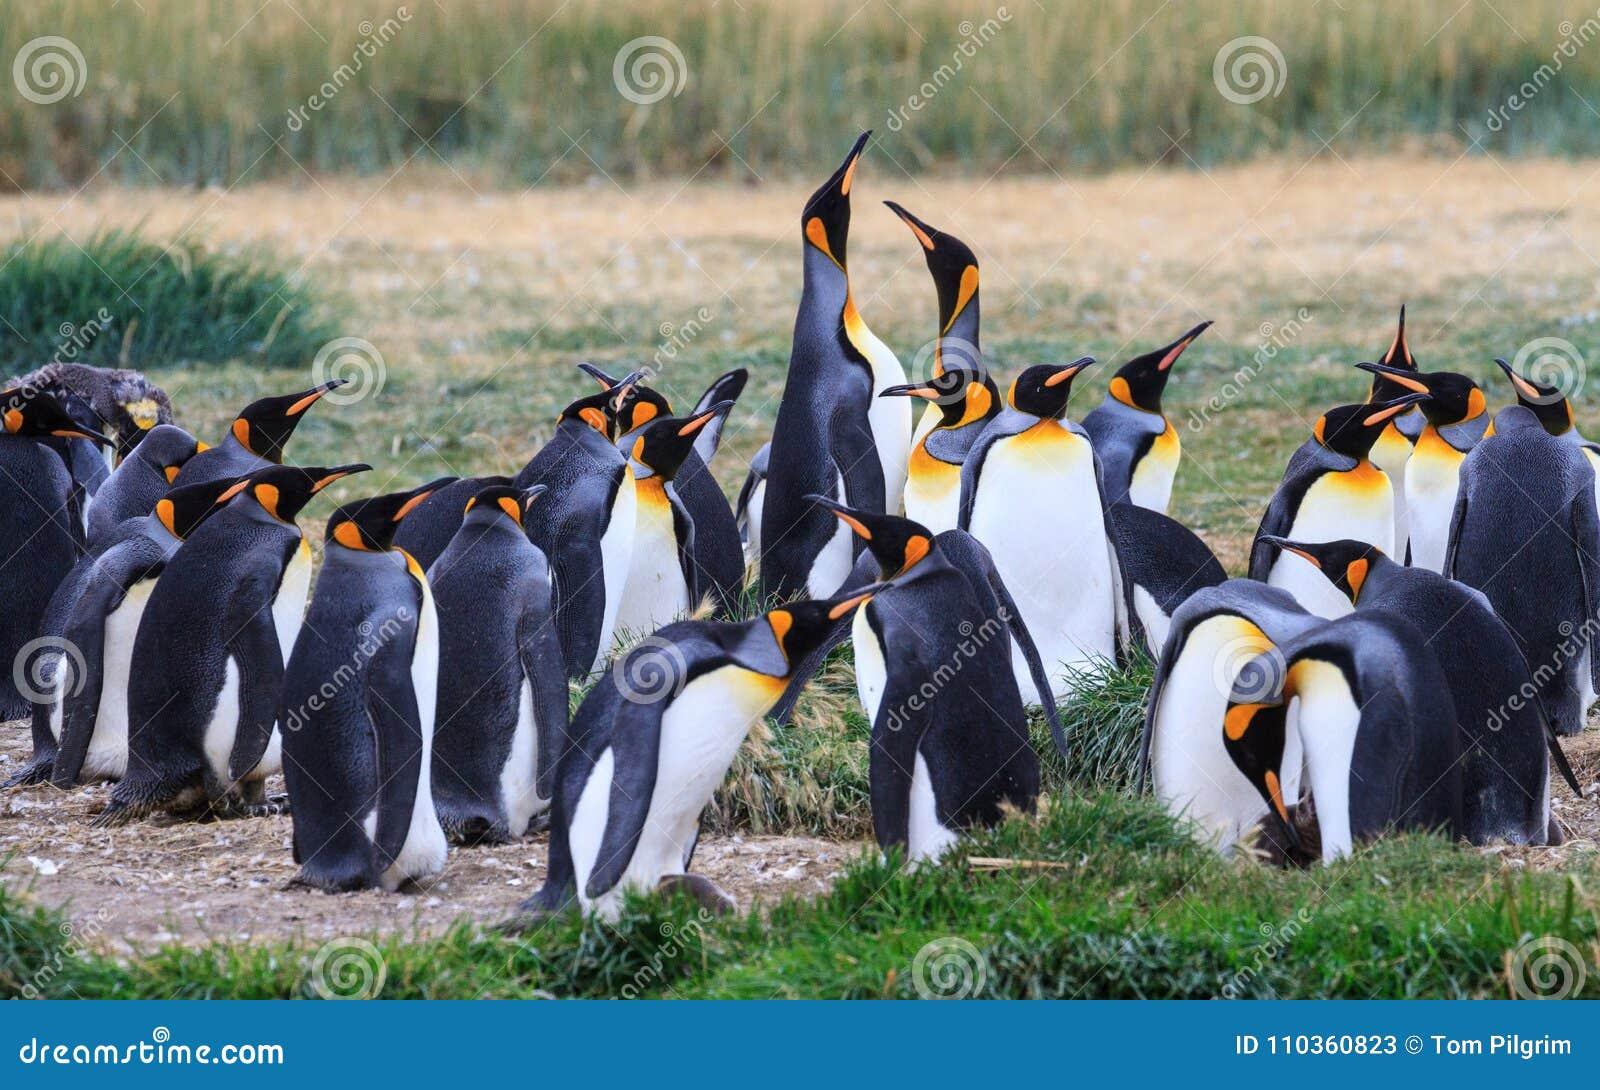 En koloni av konungen Penguins, Aptenodytespatagonicus som vilar i gräset på Parque Pinguino Rey, Tierra del Fuego Patagonia